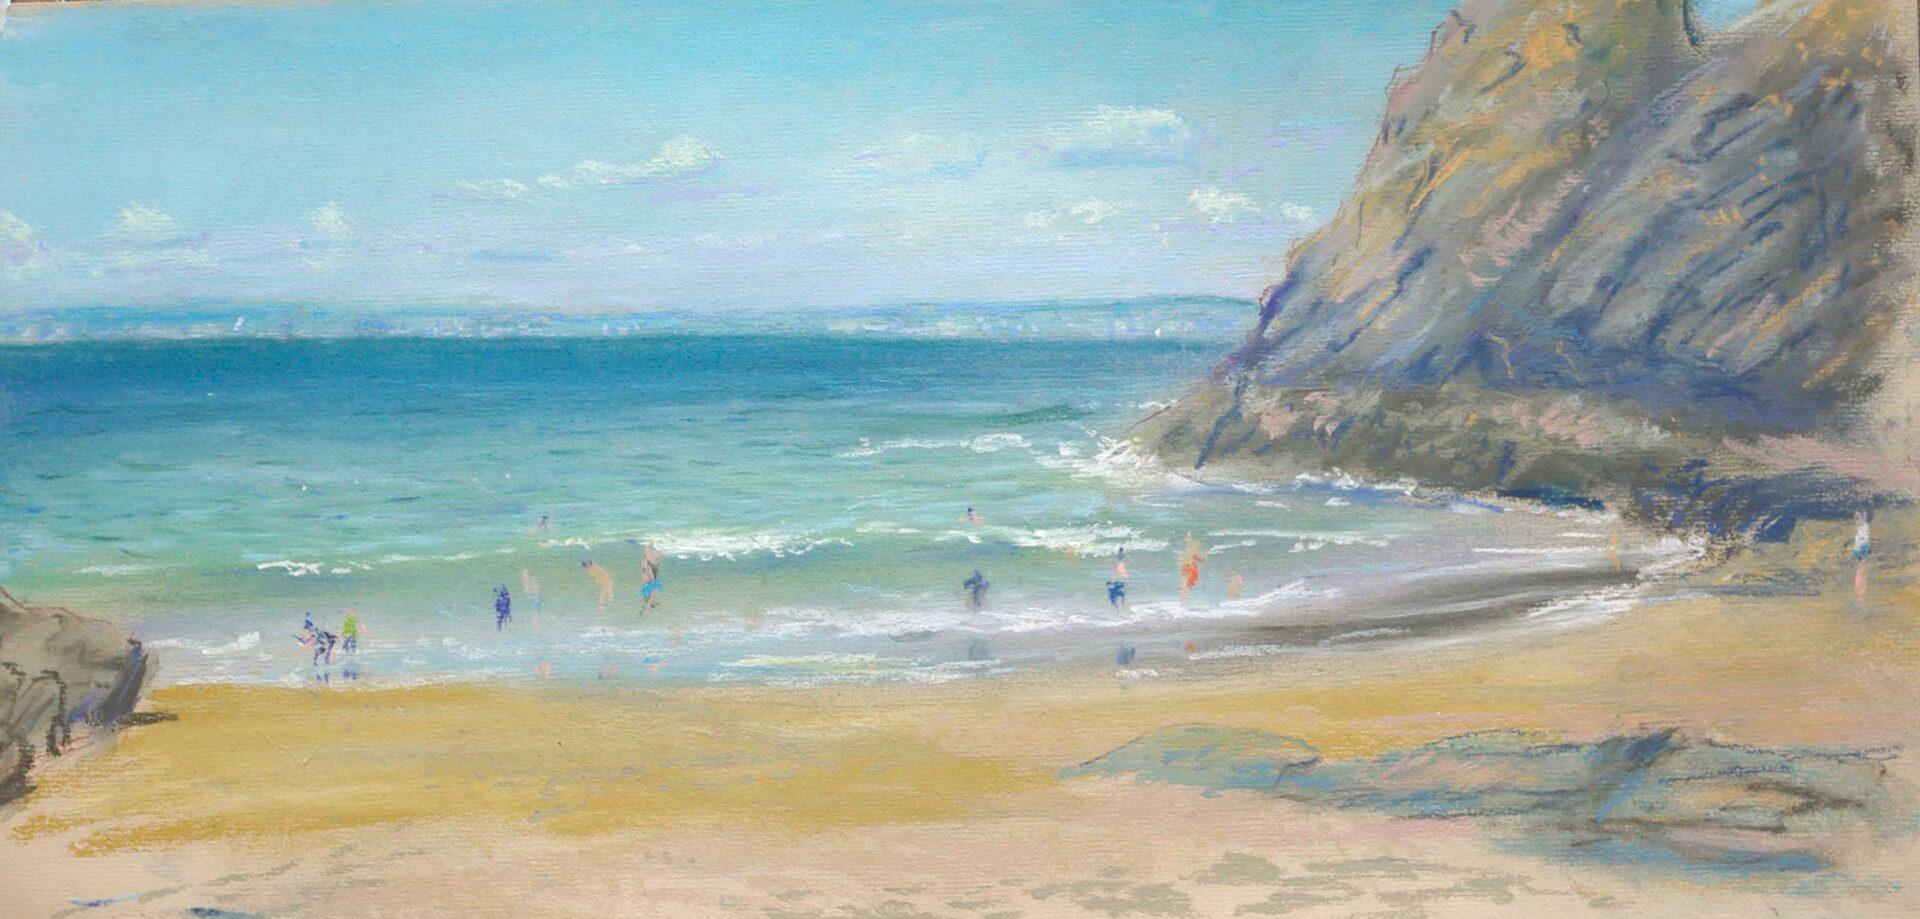 Patel schilderij van strand in Bretagne met hoge golven en zwemmers realisme